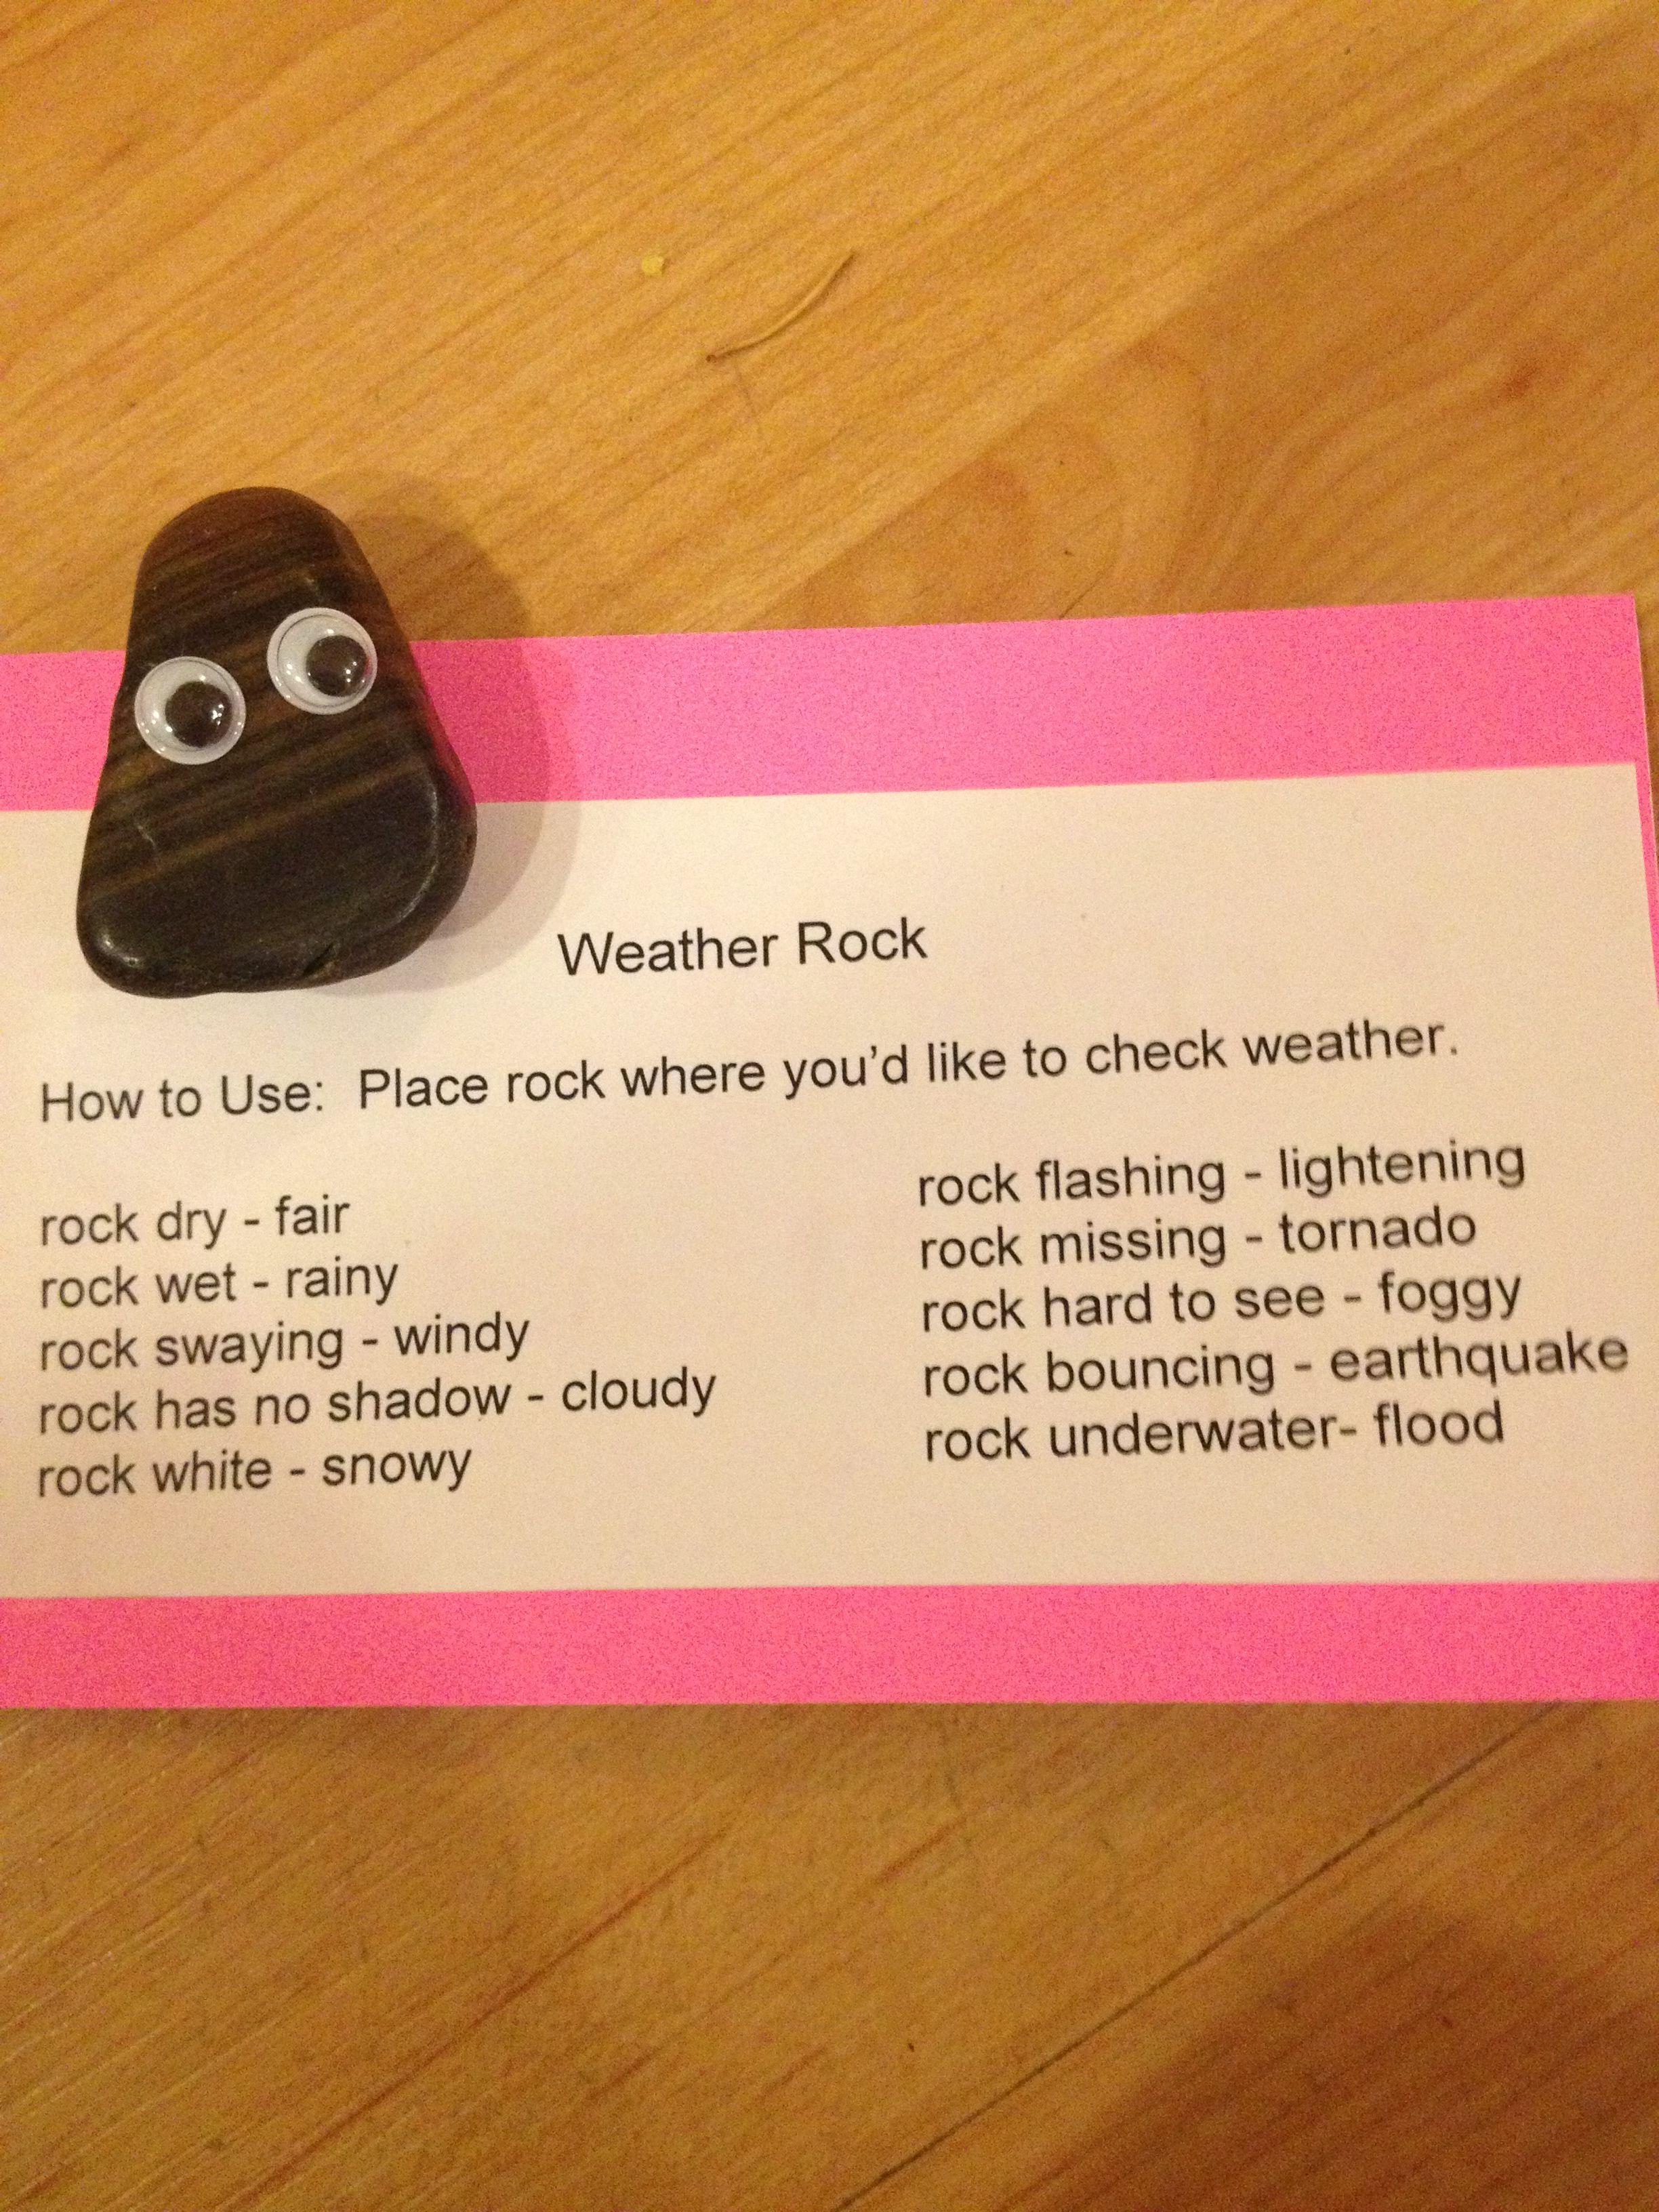 Weather rock. School market day Market day ideas, Kids